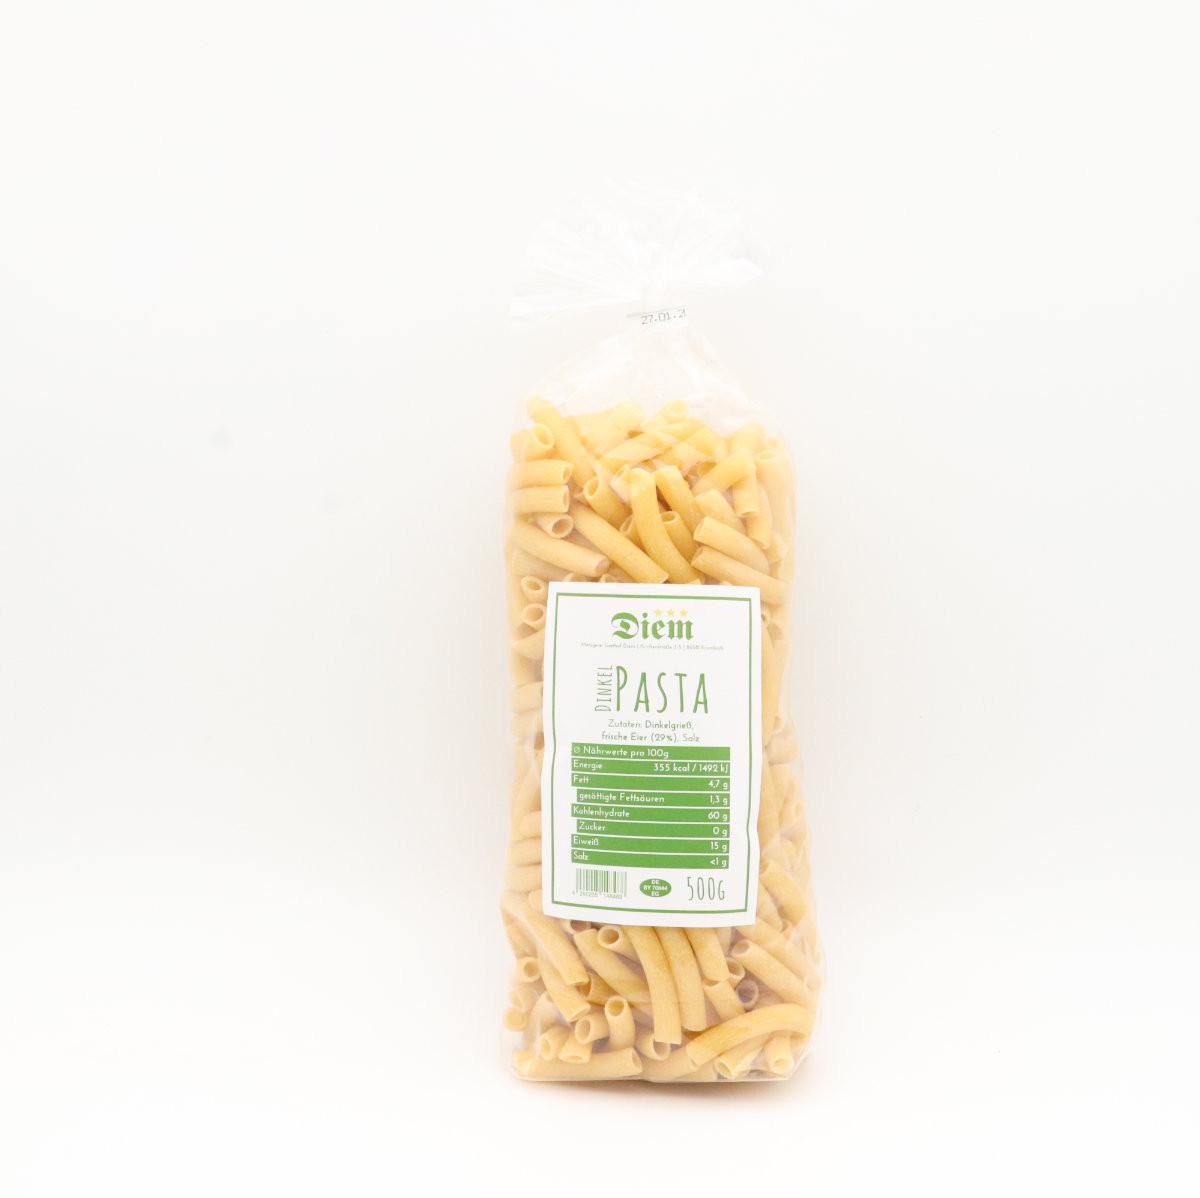 Diem Dinkel Pasta - hausgemachte Eiernudeln mit Dinkelmehl - 500g - Makkeroni -